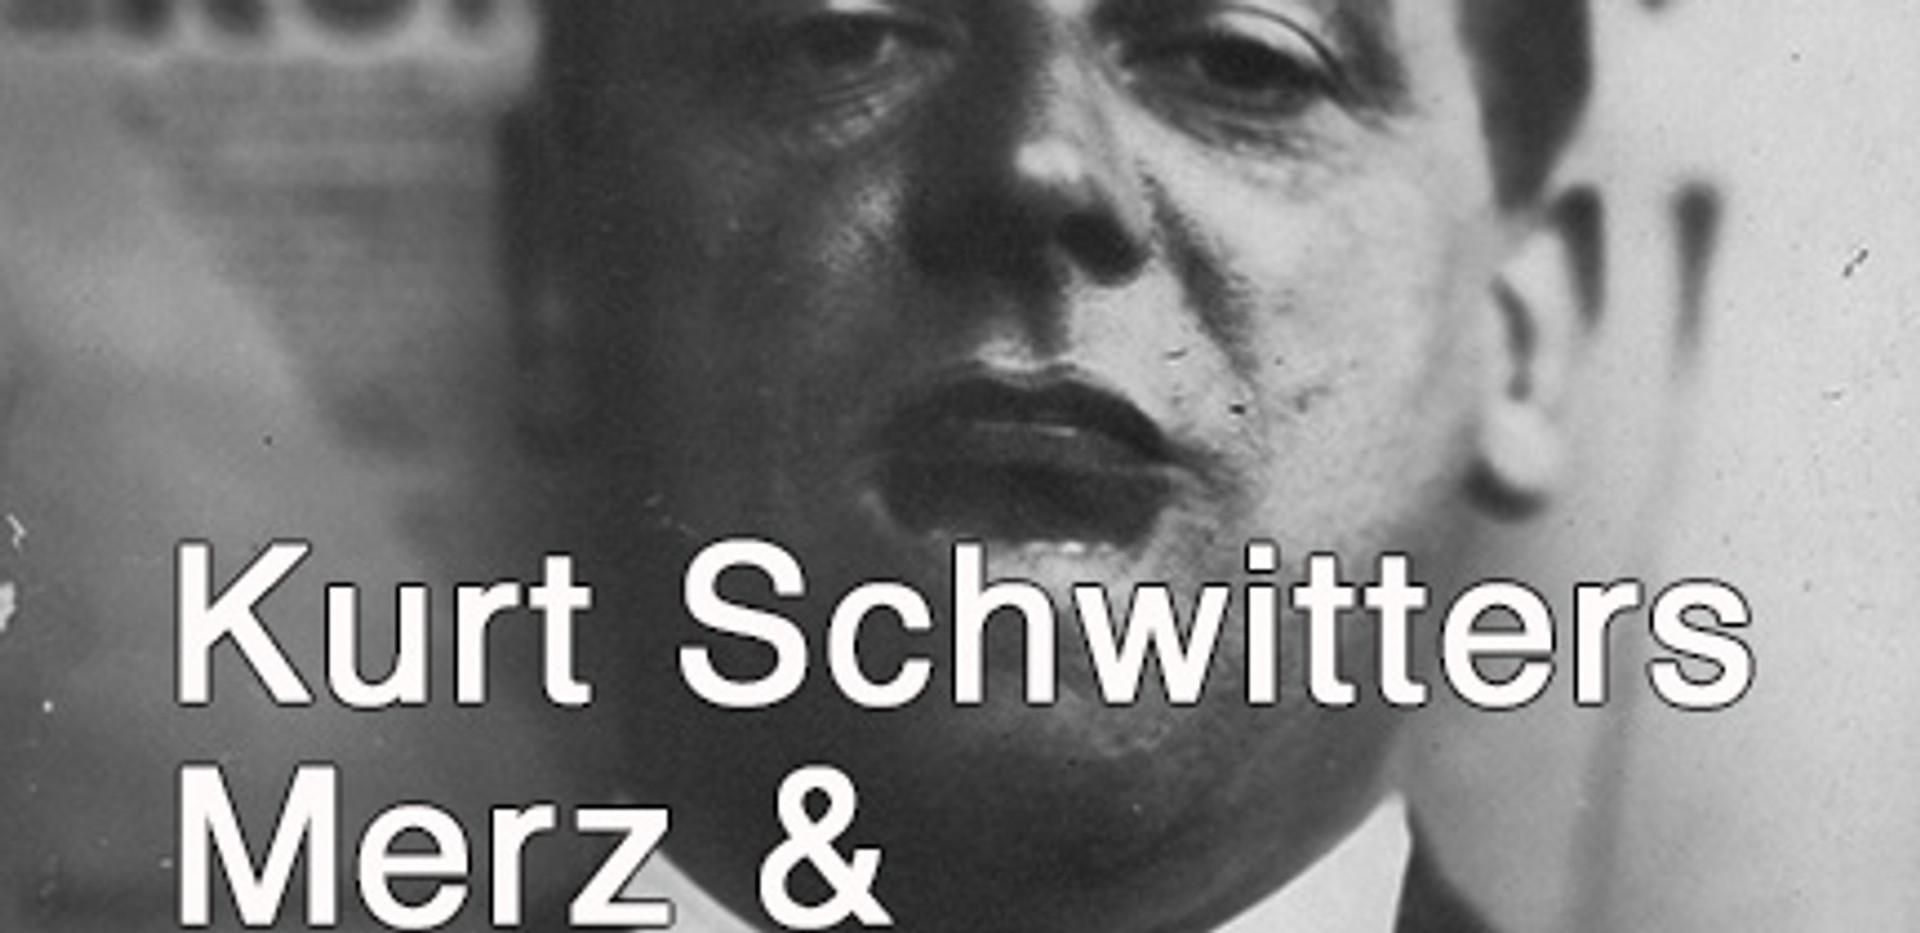 Dada, Kurt Schwitters & The Ursonate